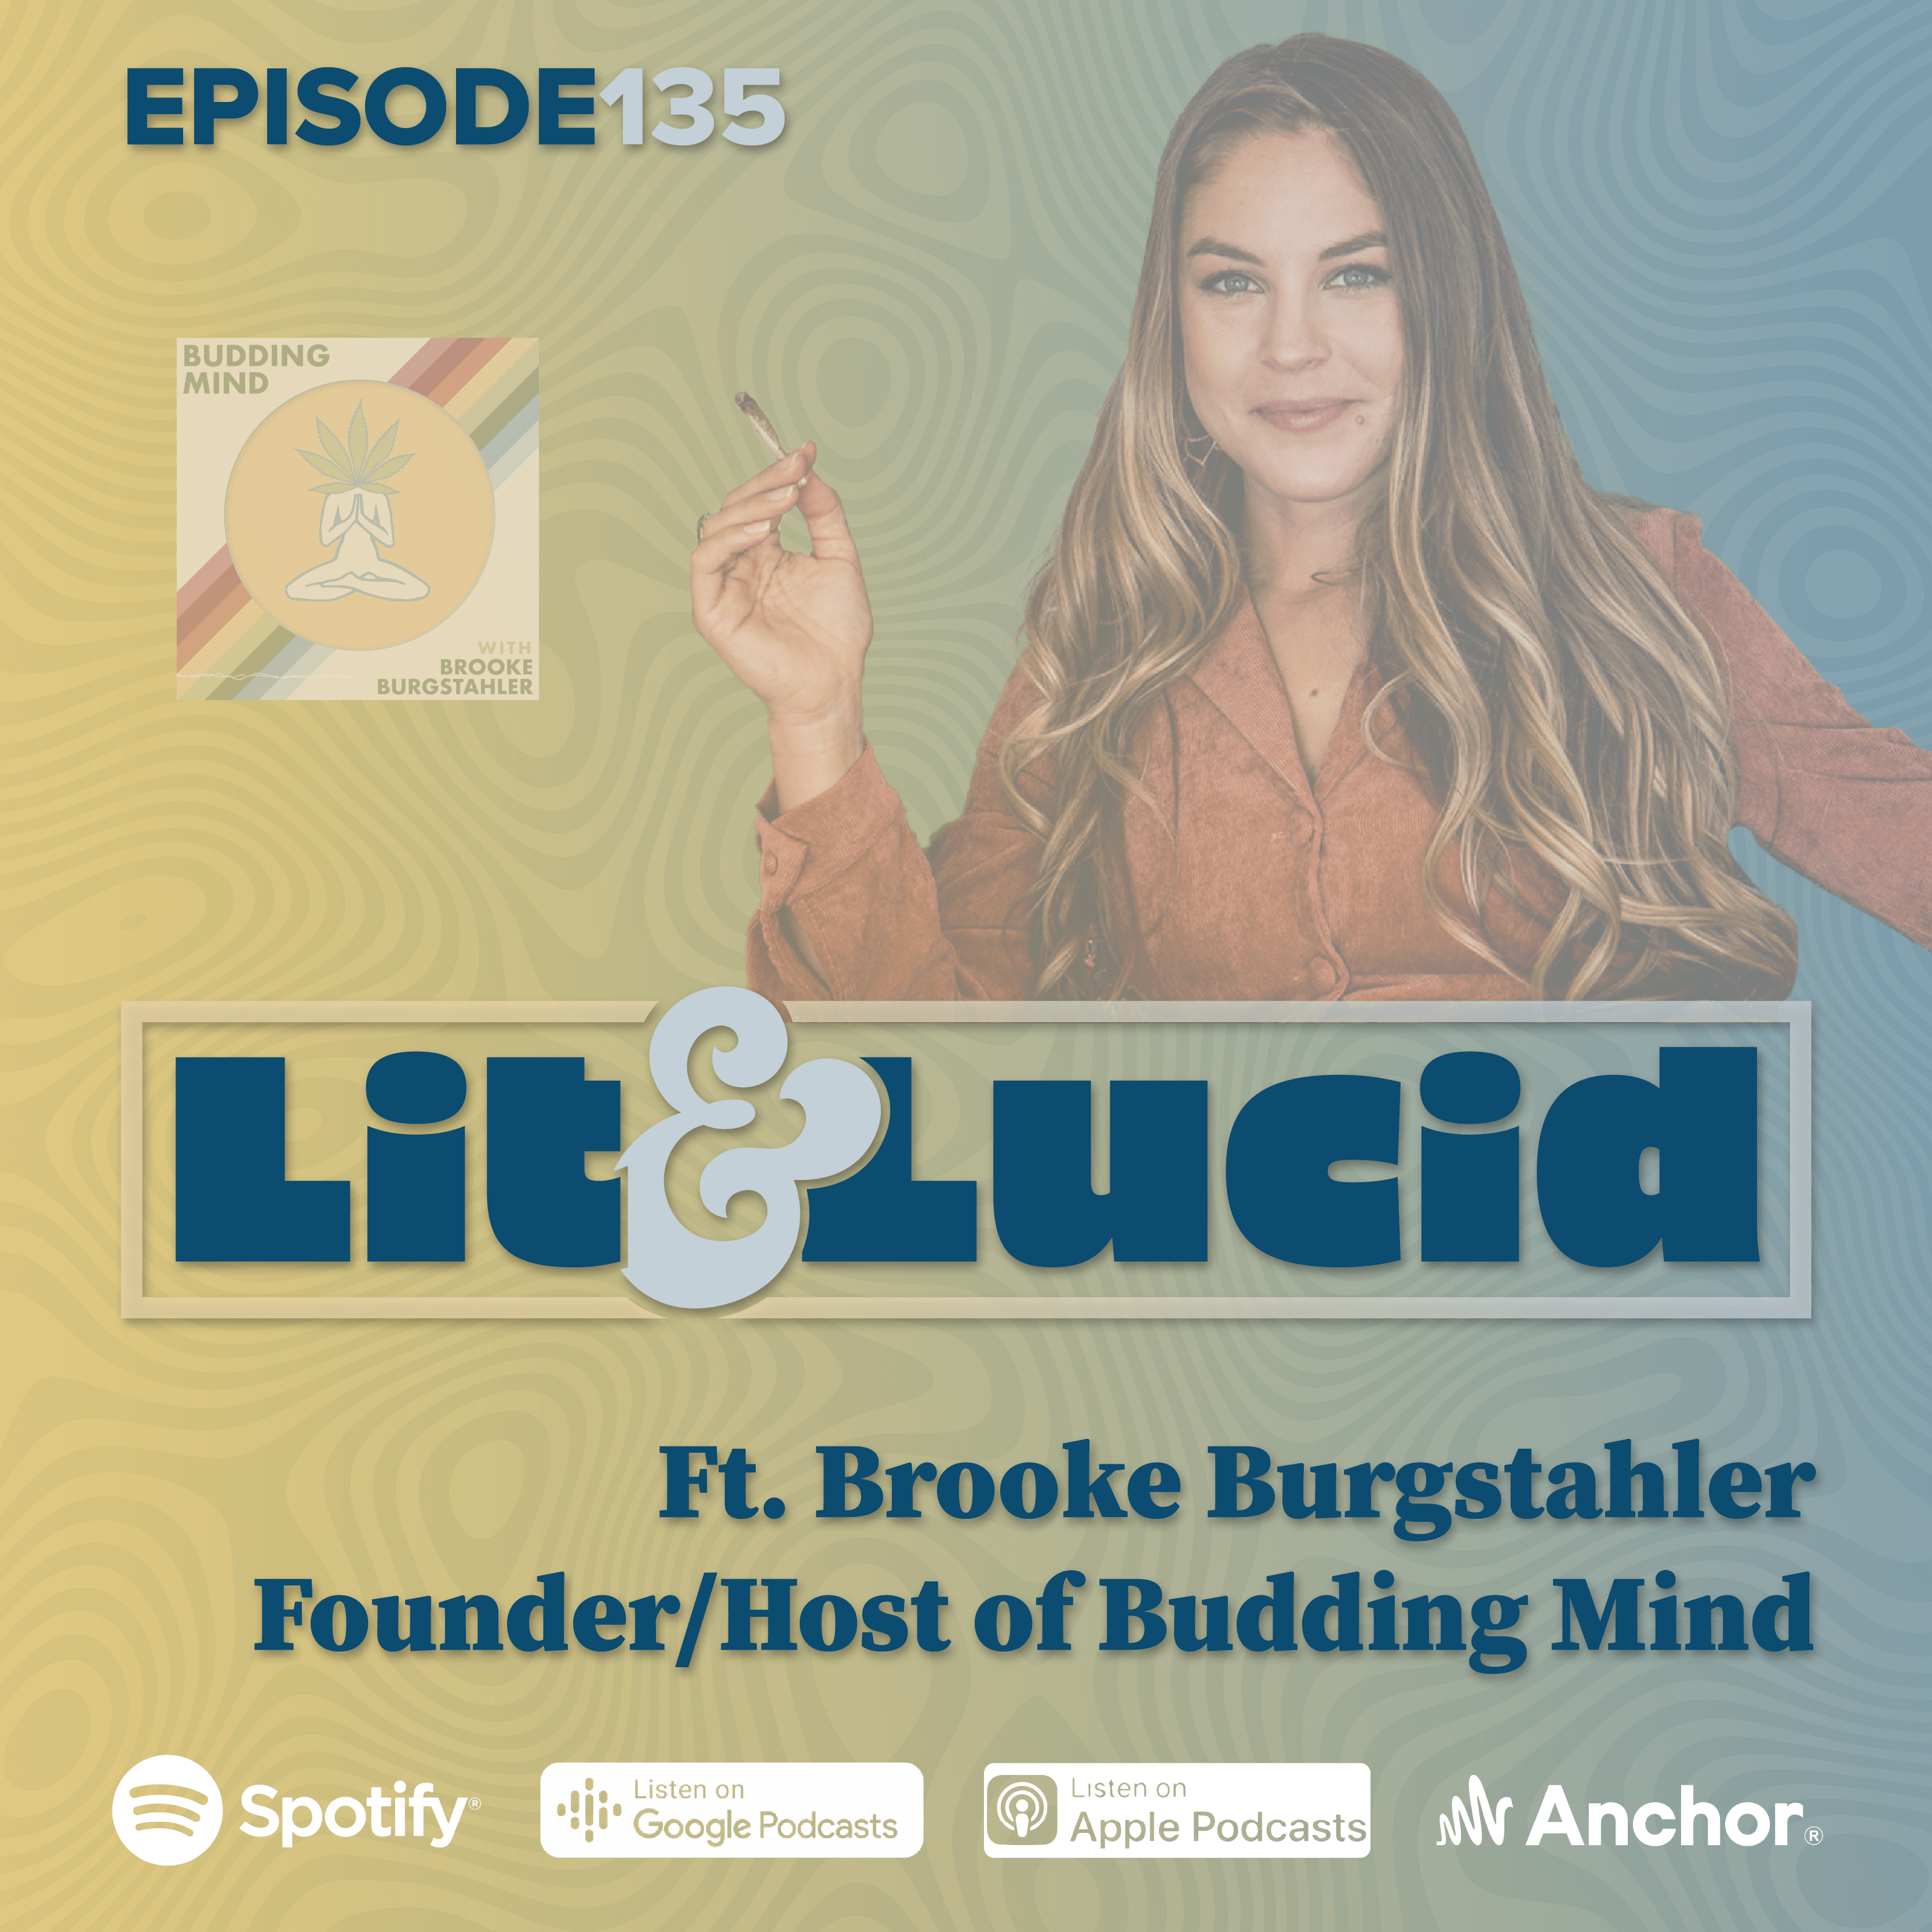 Brooke Burgstahler Budding Mind